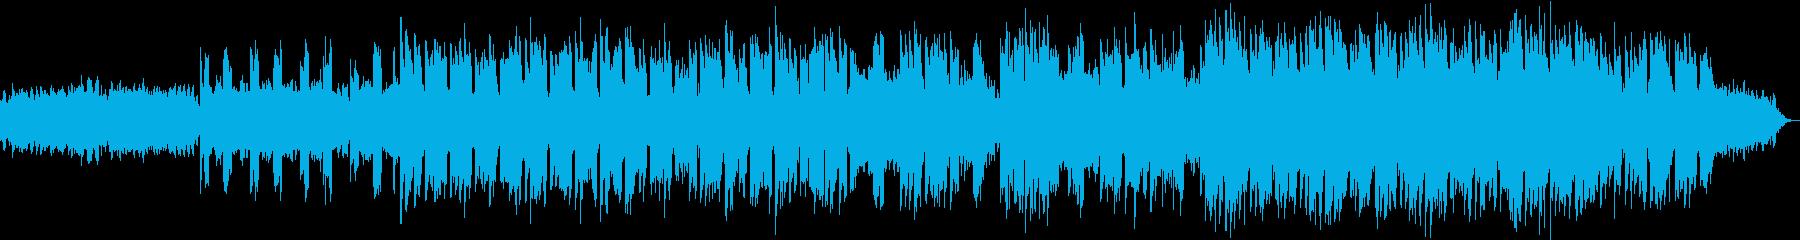 柔らかなエレピとクアイアの曲の再生済みの波形